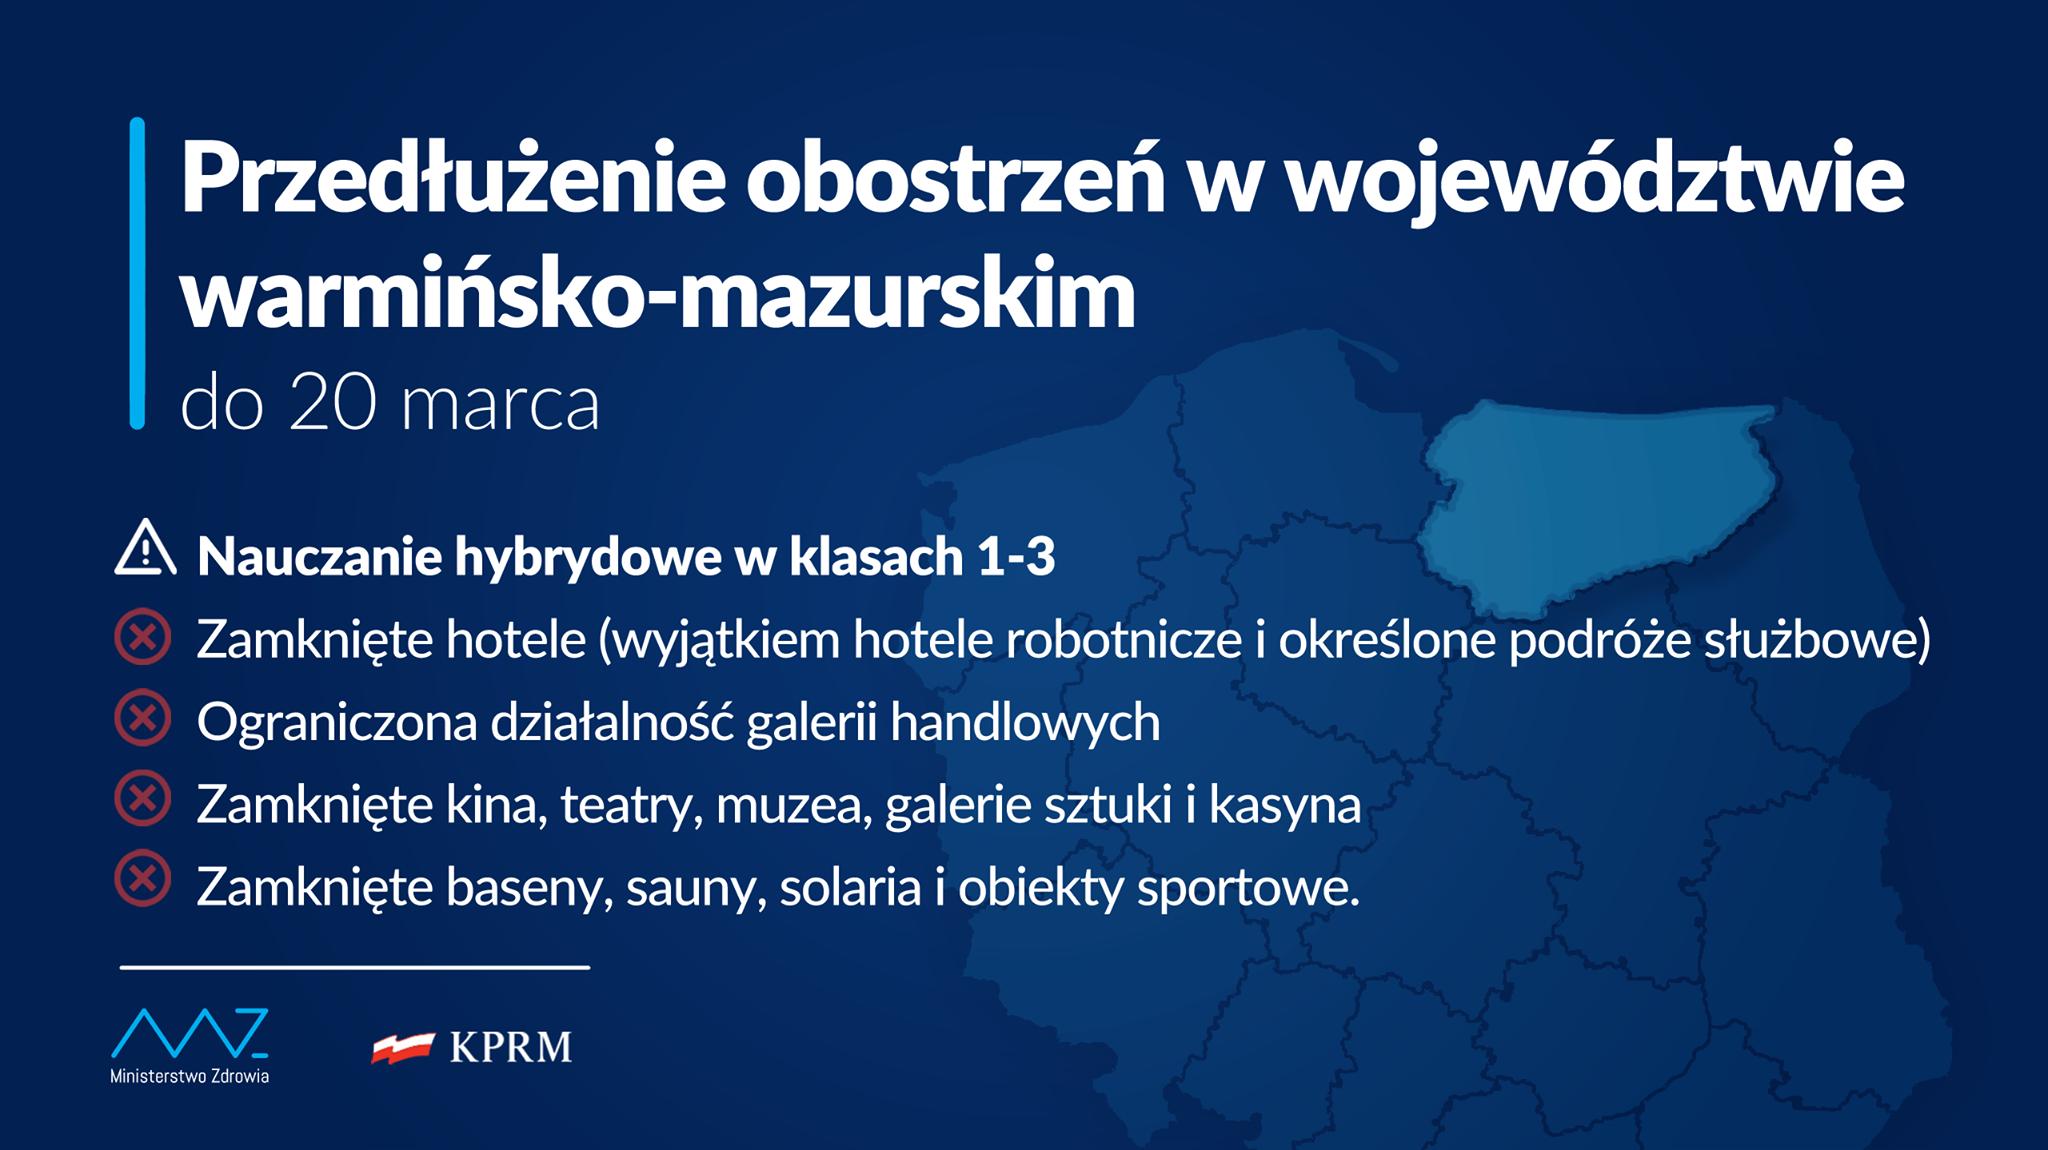 https://m.powiatszczycienski.pl/2021/03/orig/157307056-10159499326594653-6481515678184265003-o-38520.png